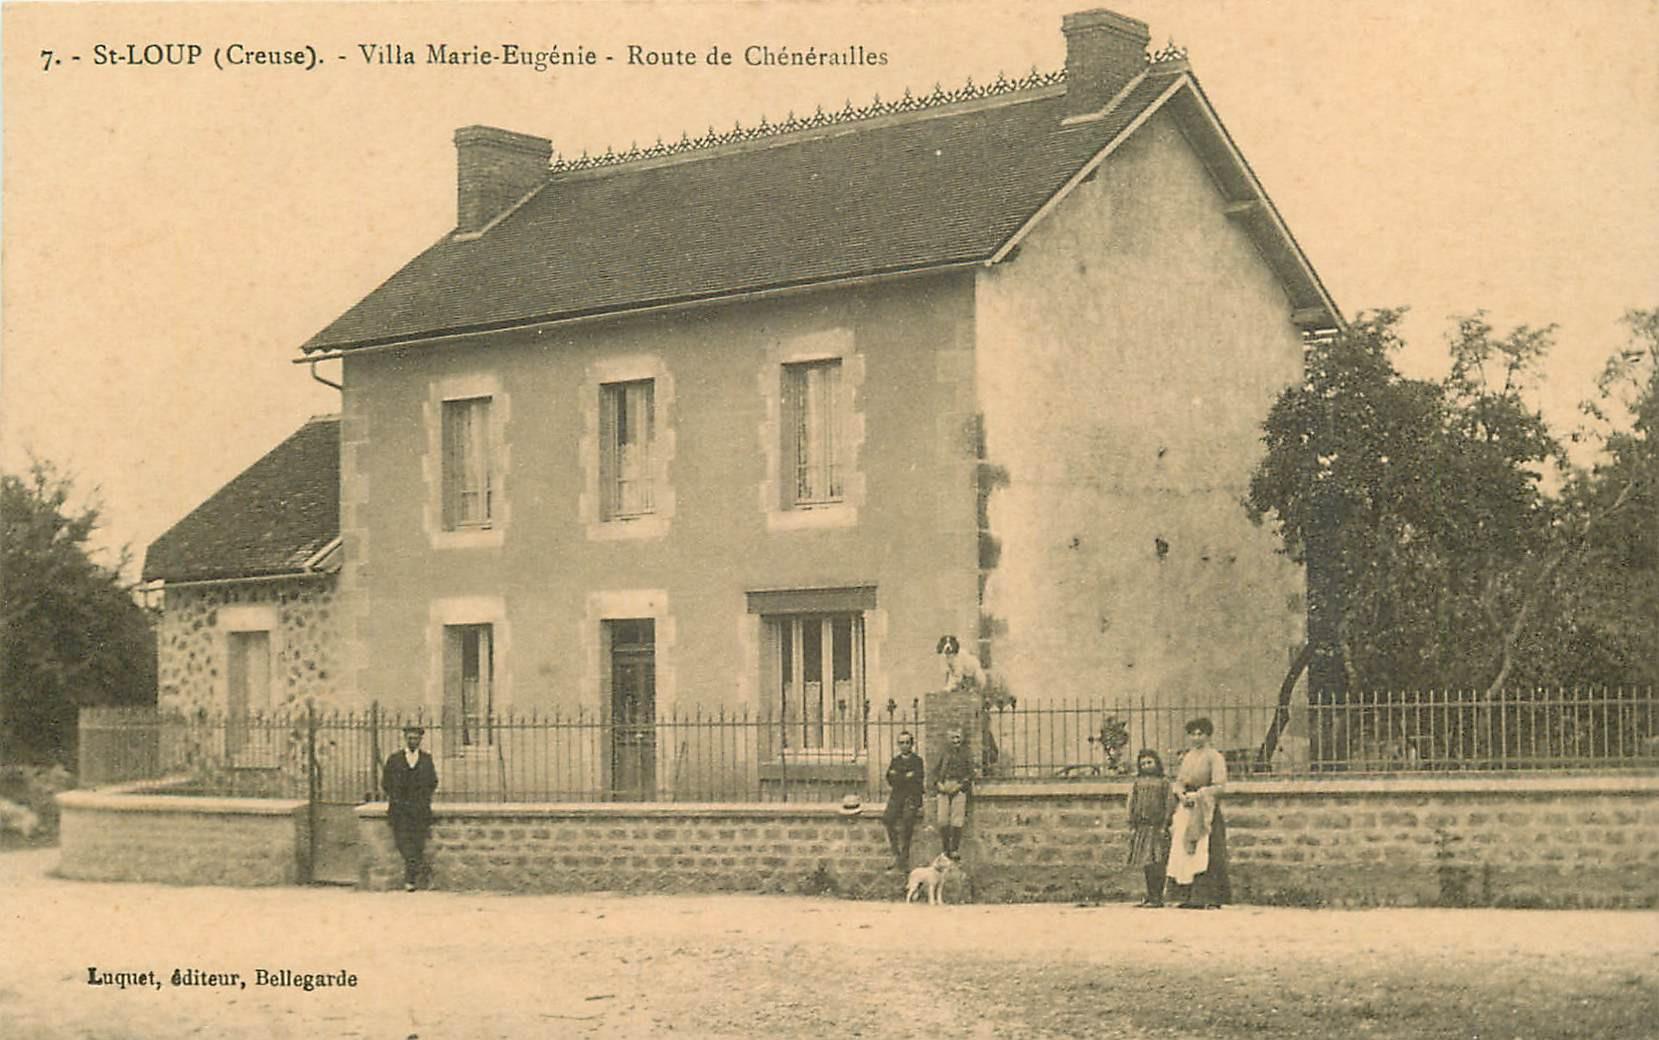 WW 23 SAINT-LOUP. Villa Marie-Eugénie Route de Chénérailles 1924